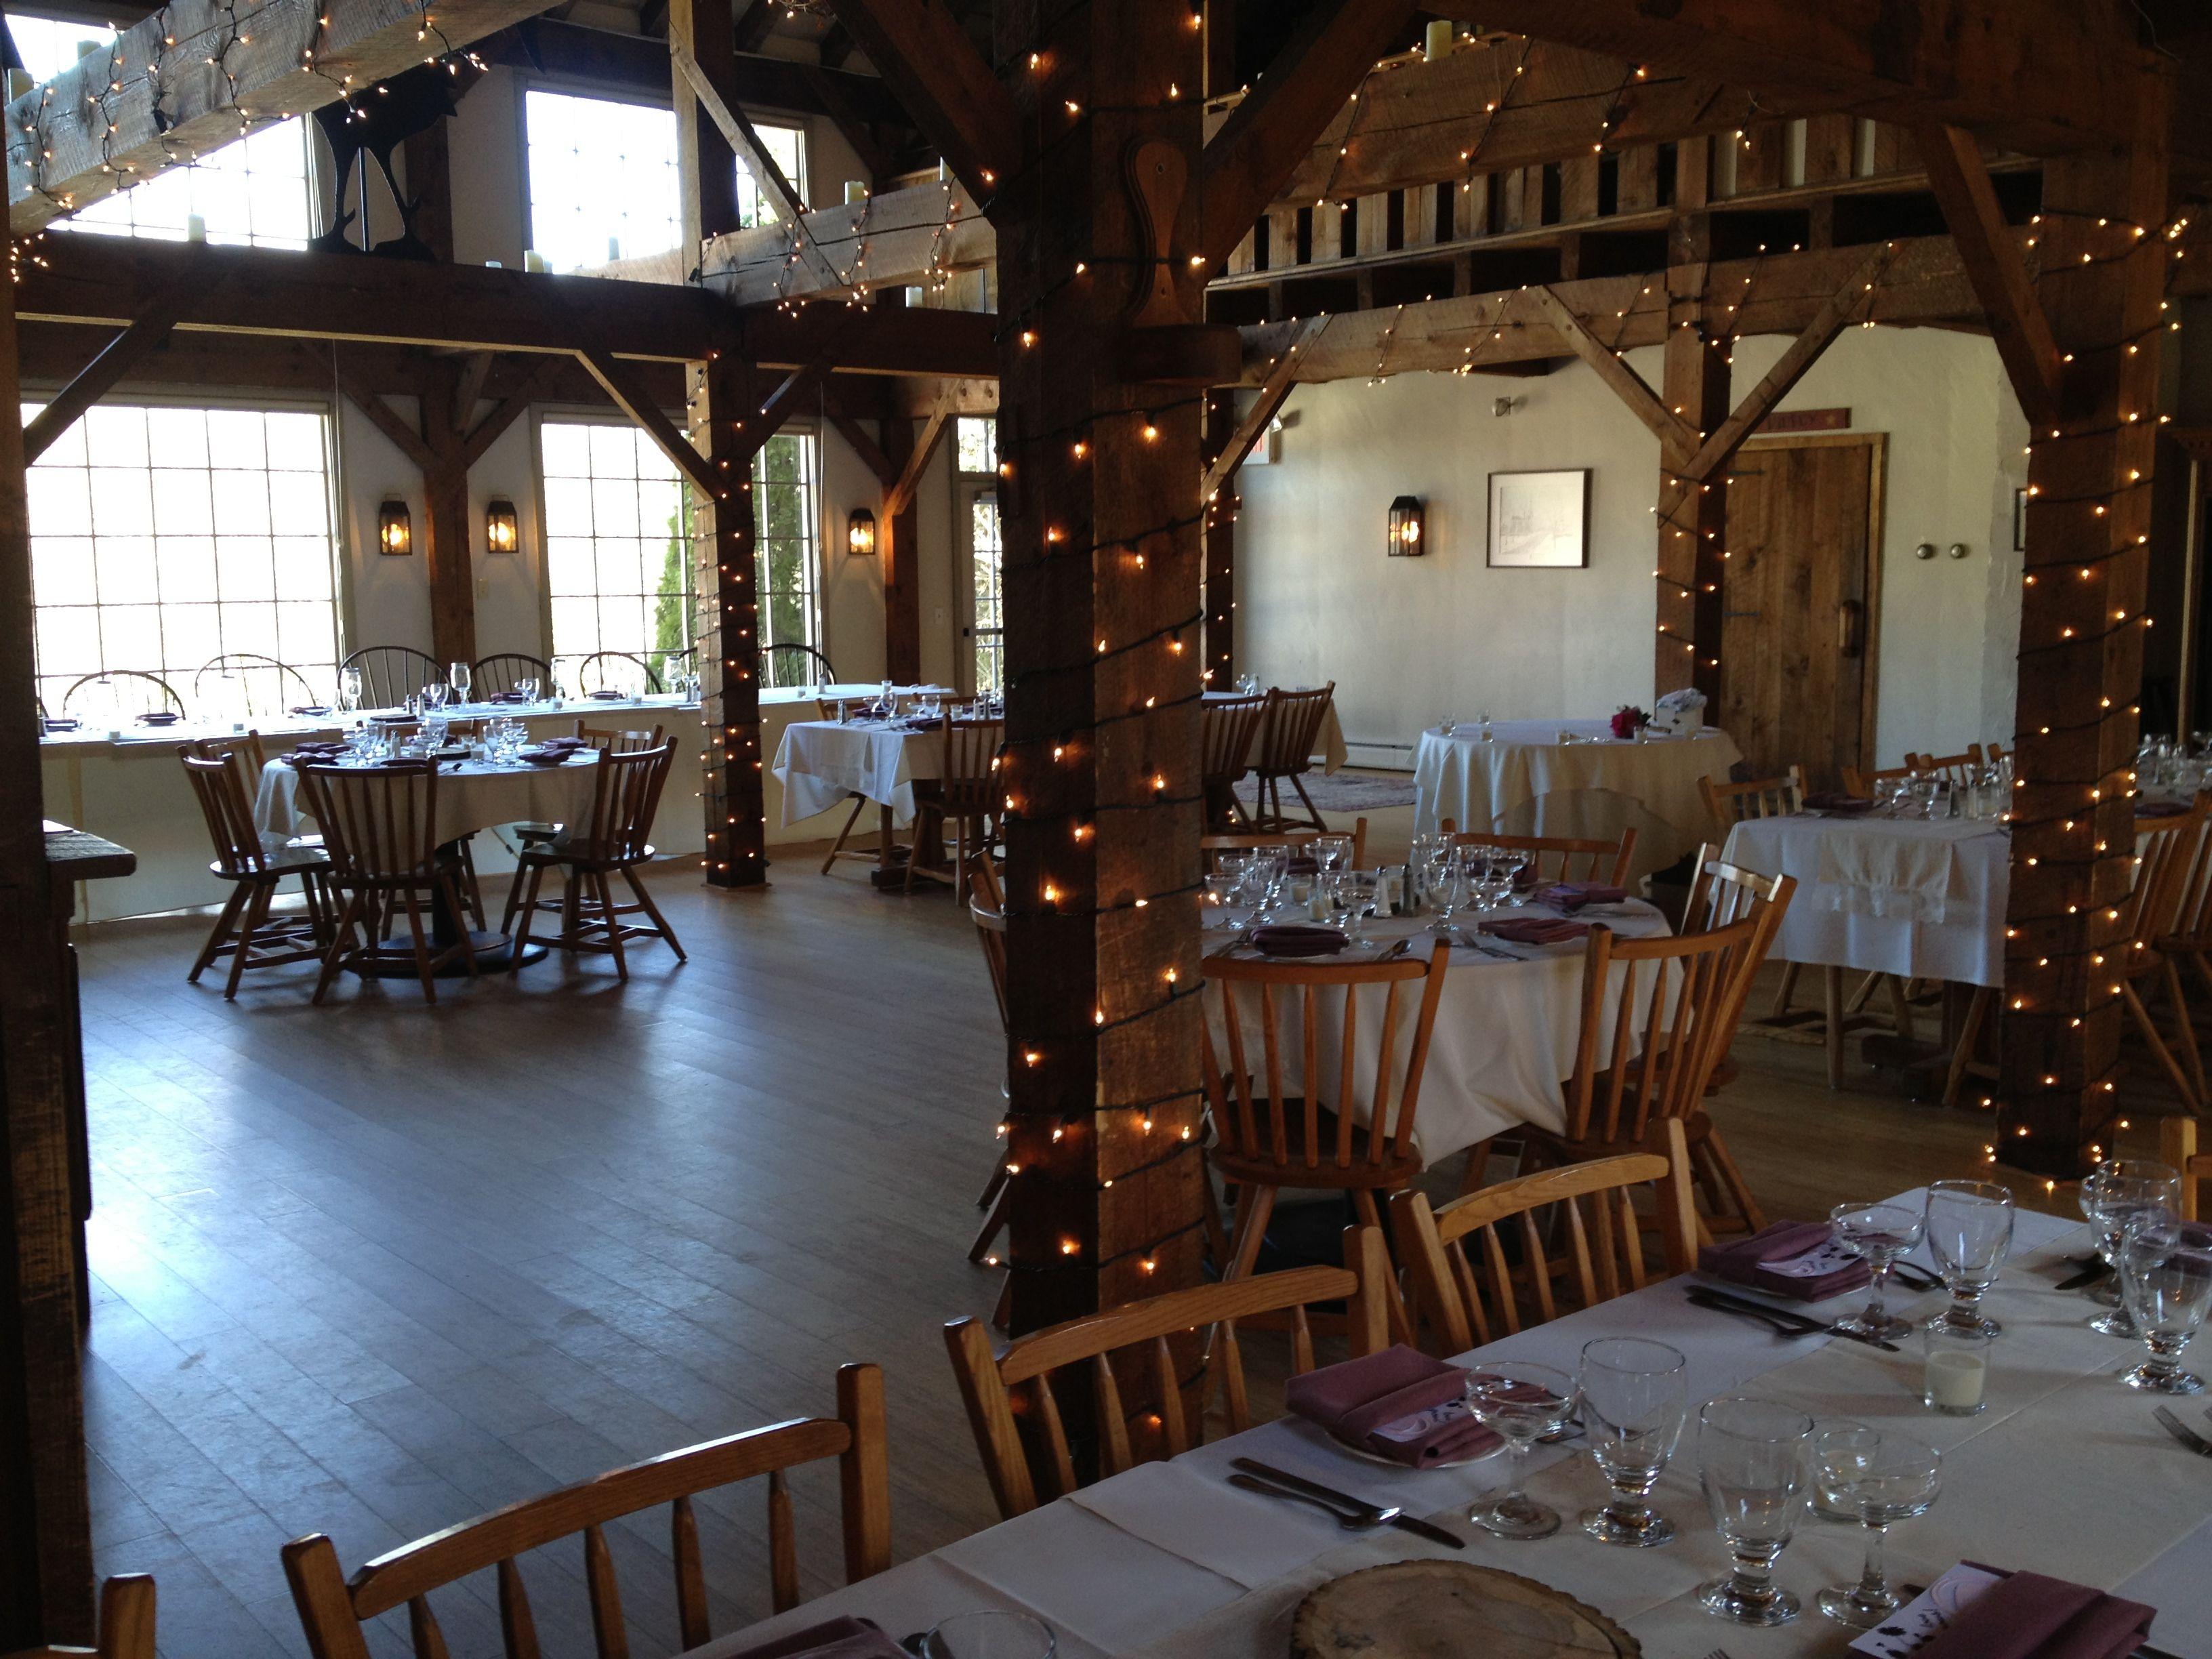 Bittersweet Farm Westport Ma Wedding Venues Pinterest And Weddings